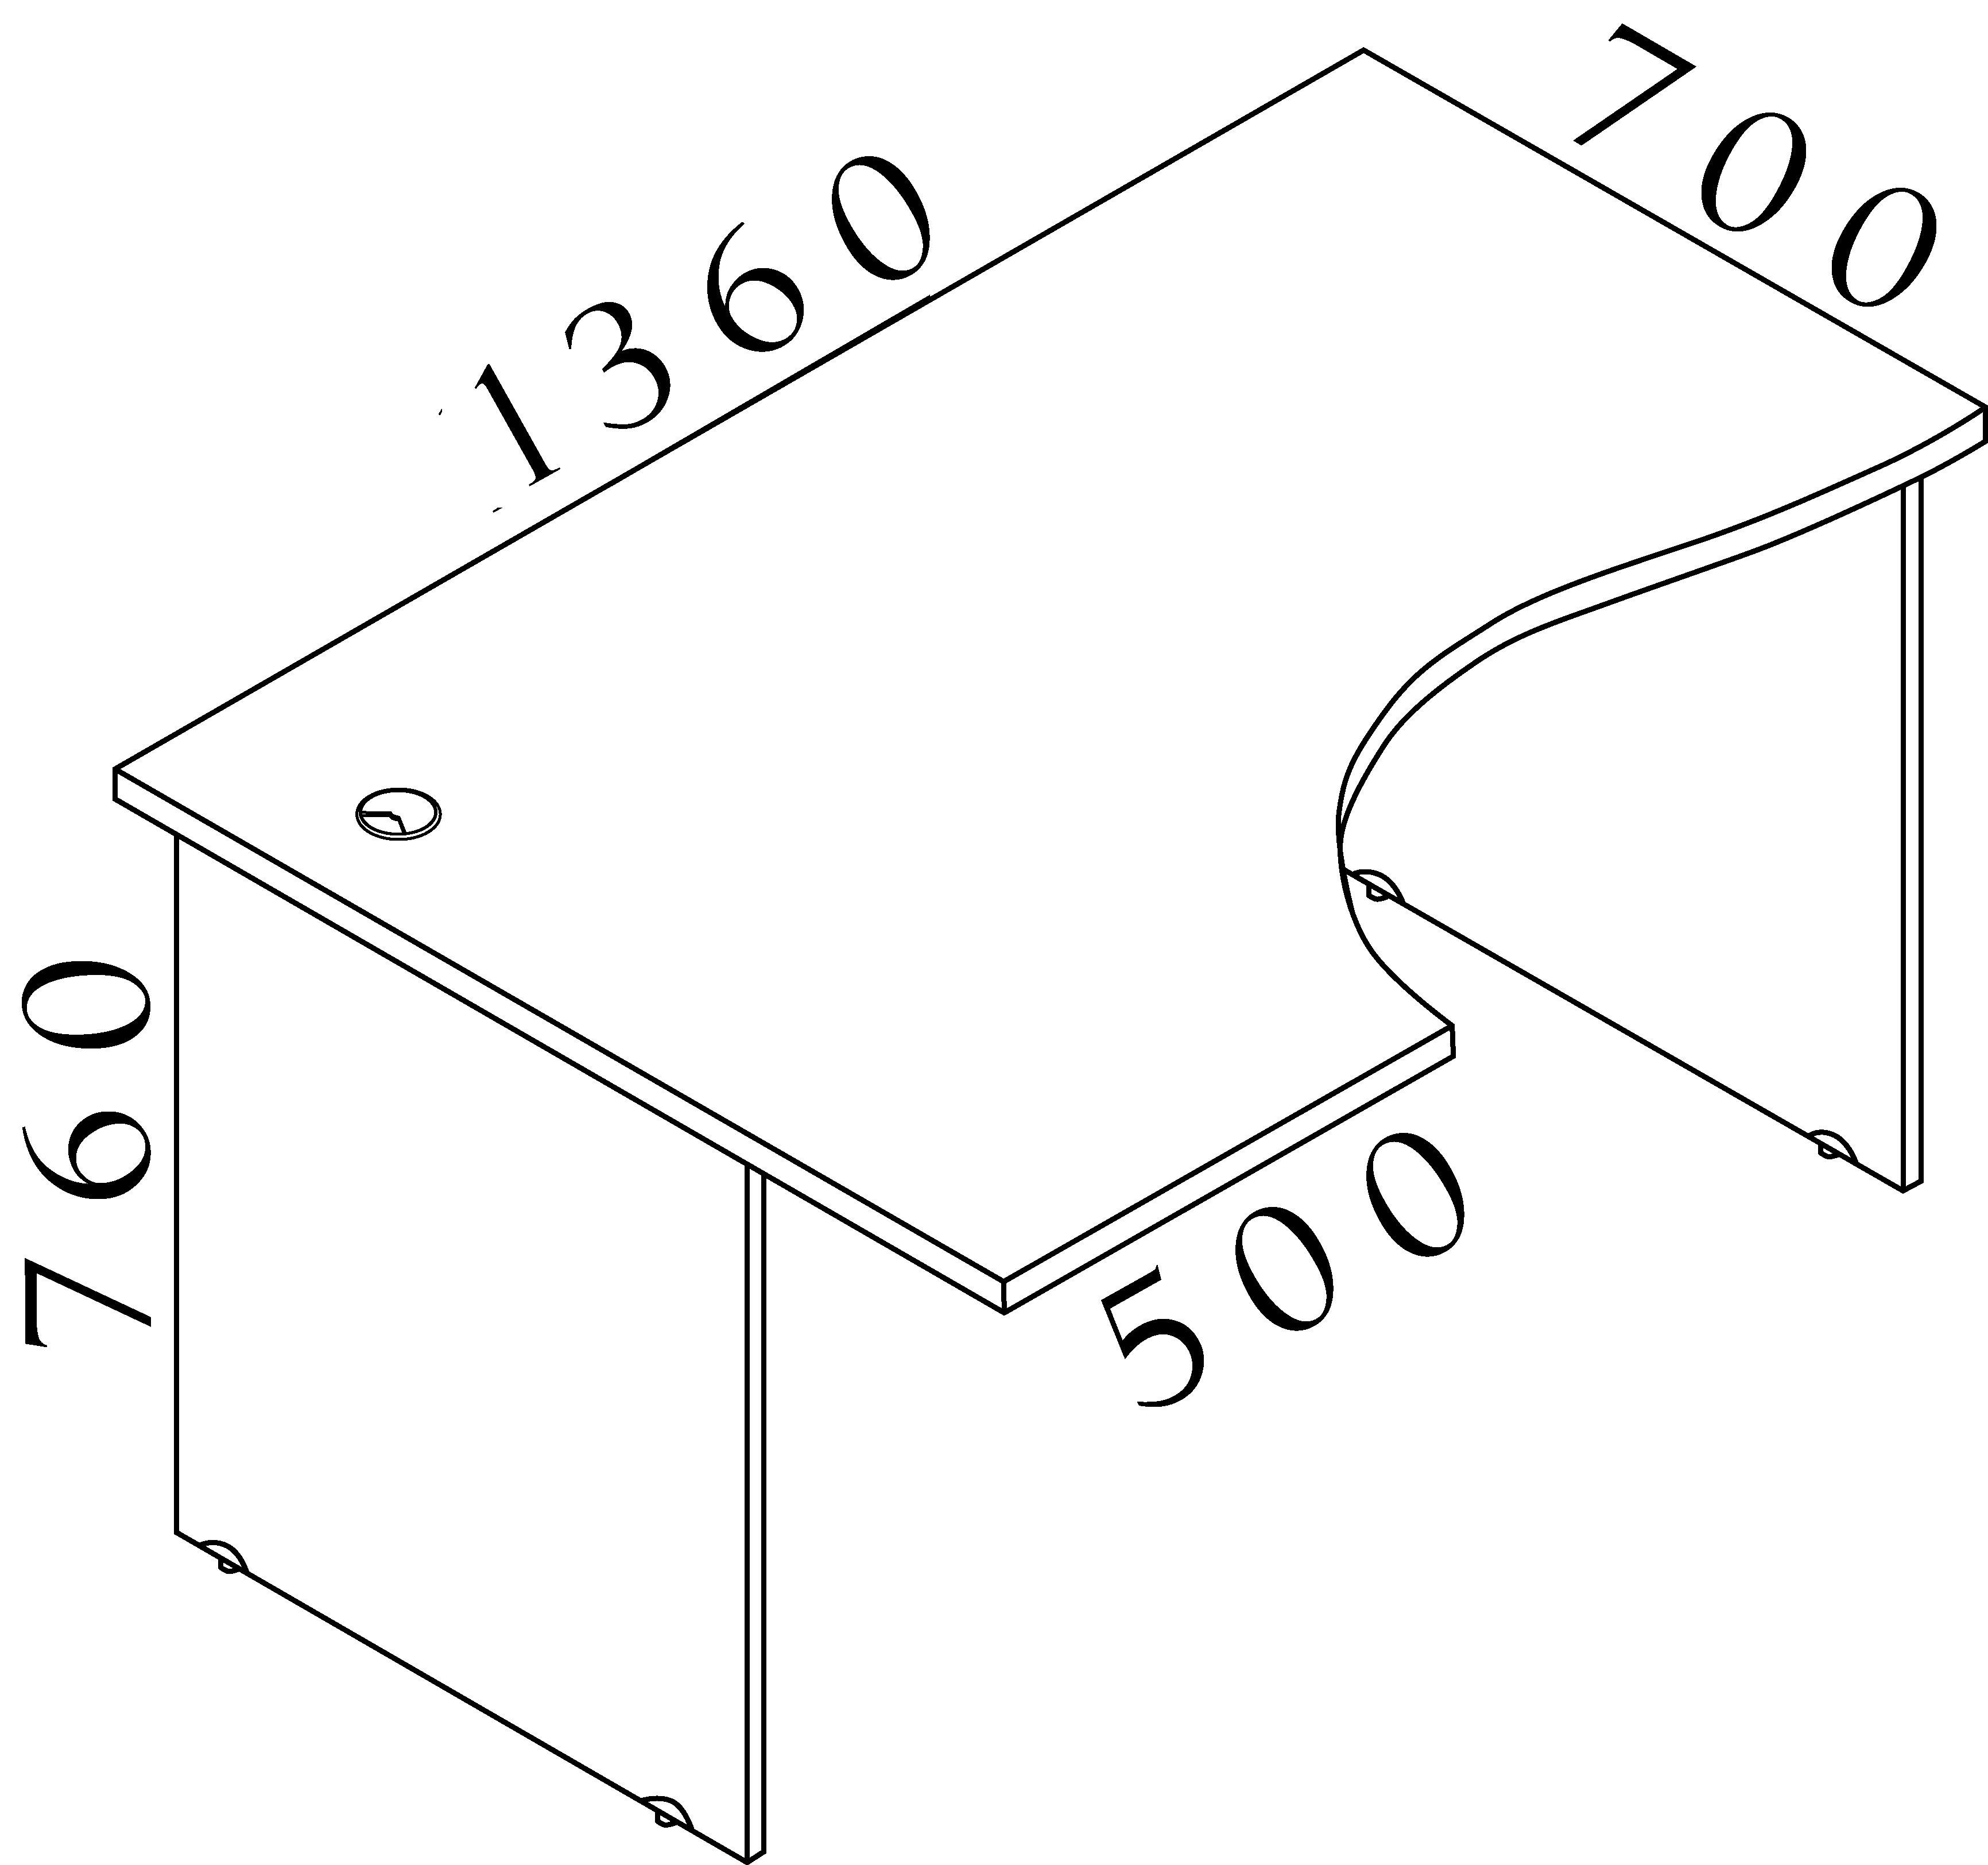 BKA19 11